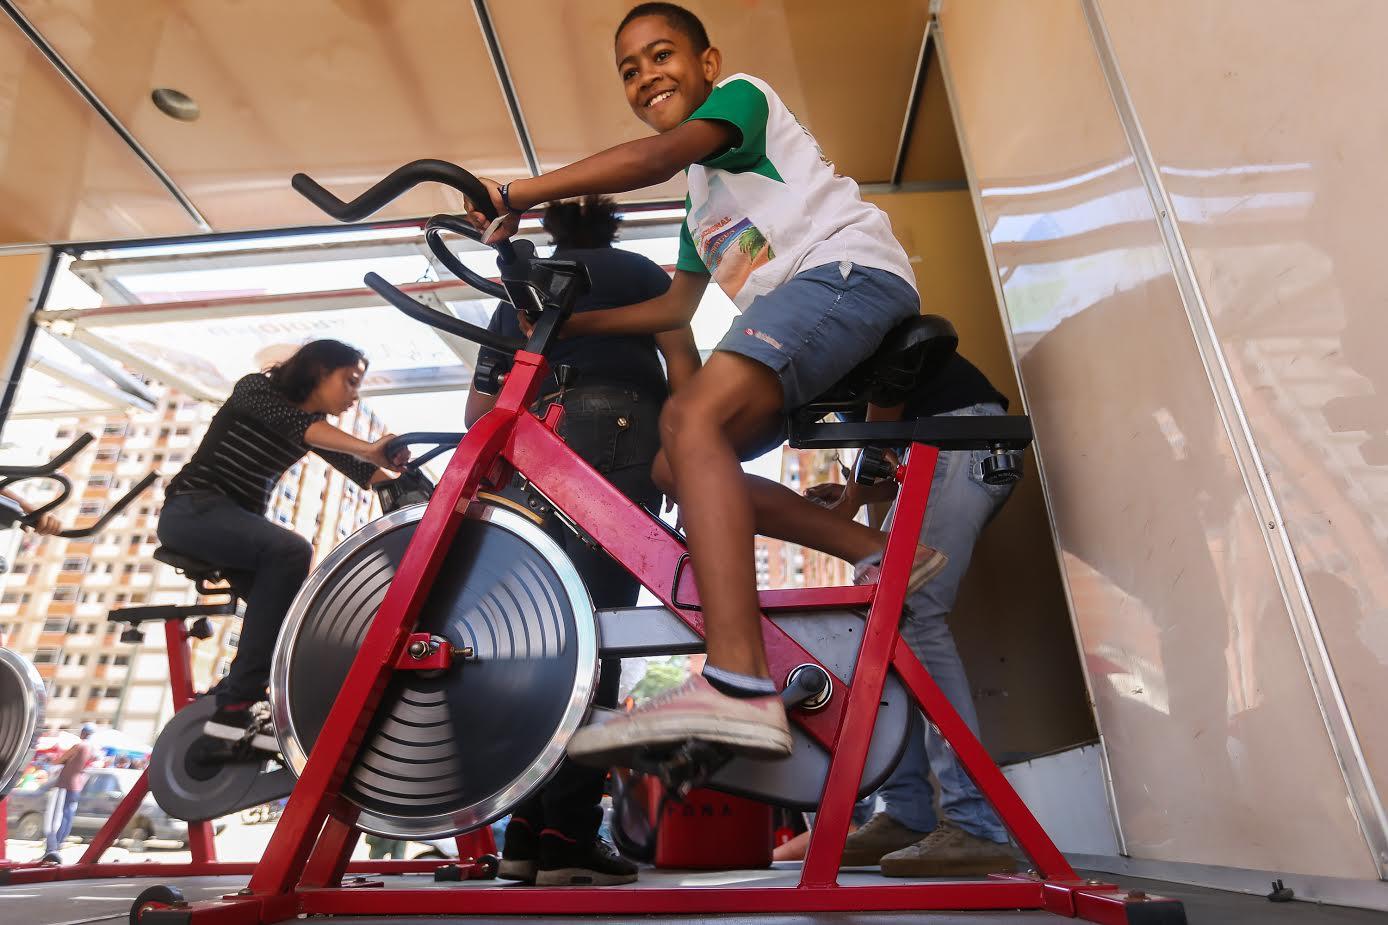 Más de 17 mil personas en Ciudad Tiuna participaron en gran toma deportiva por la paz y la vida (1)